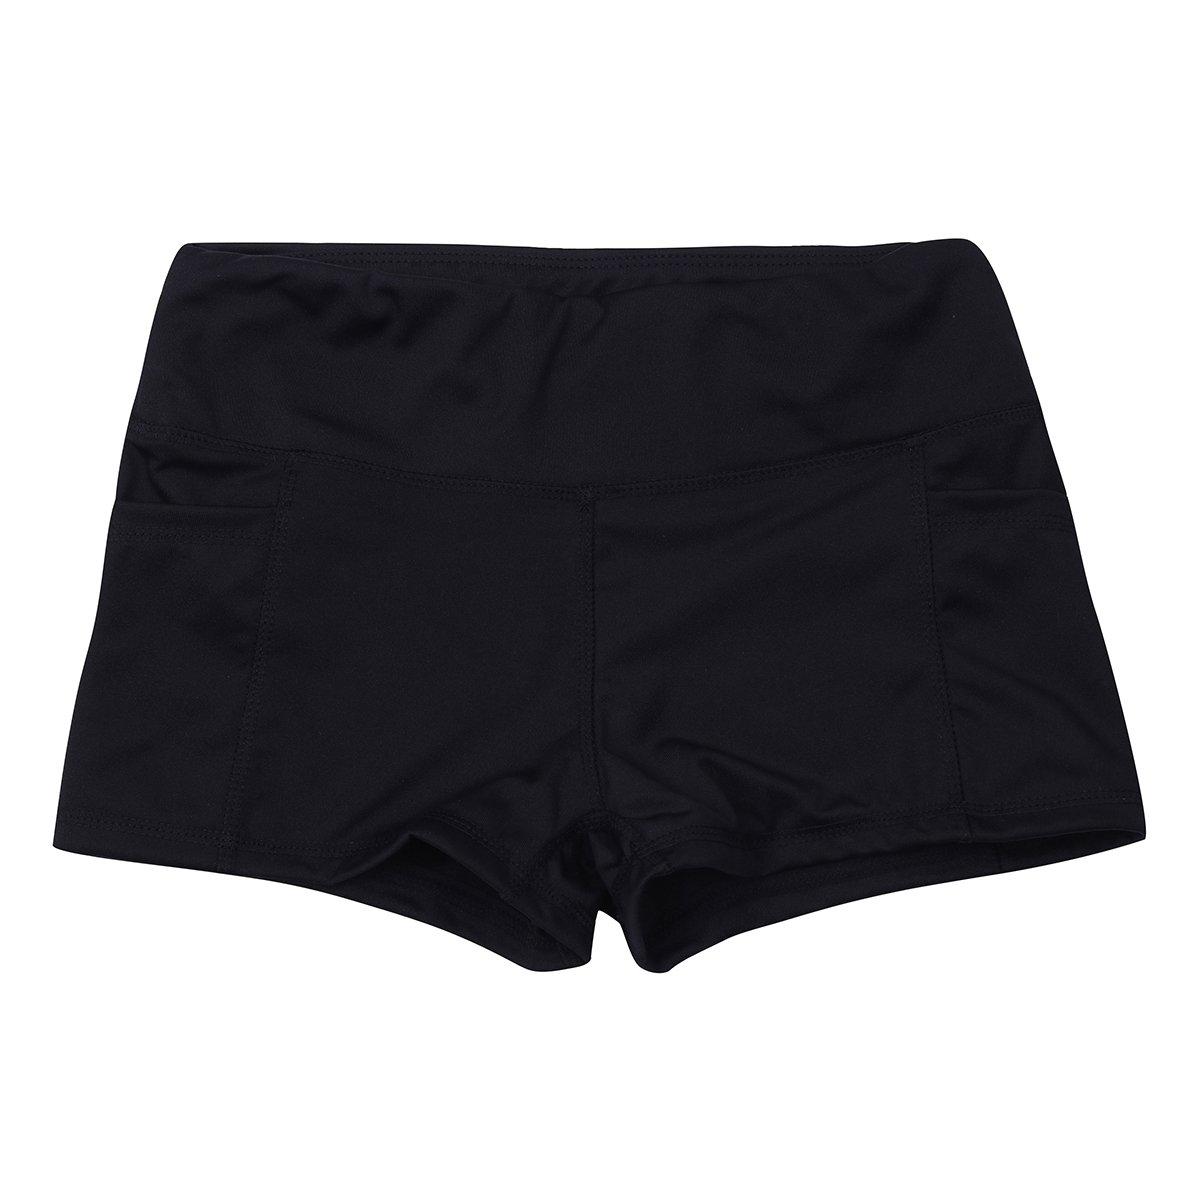 iixpin Short de Danse Femme Fille Short de Sport Yoga Pilate Taille Basse Pantalon Court Legging Jogging Confortable Elastique Taille S-XL